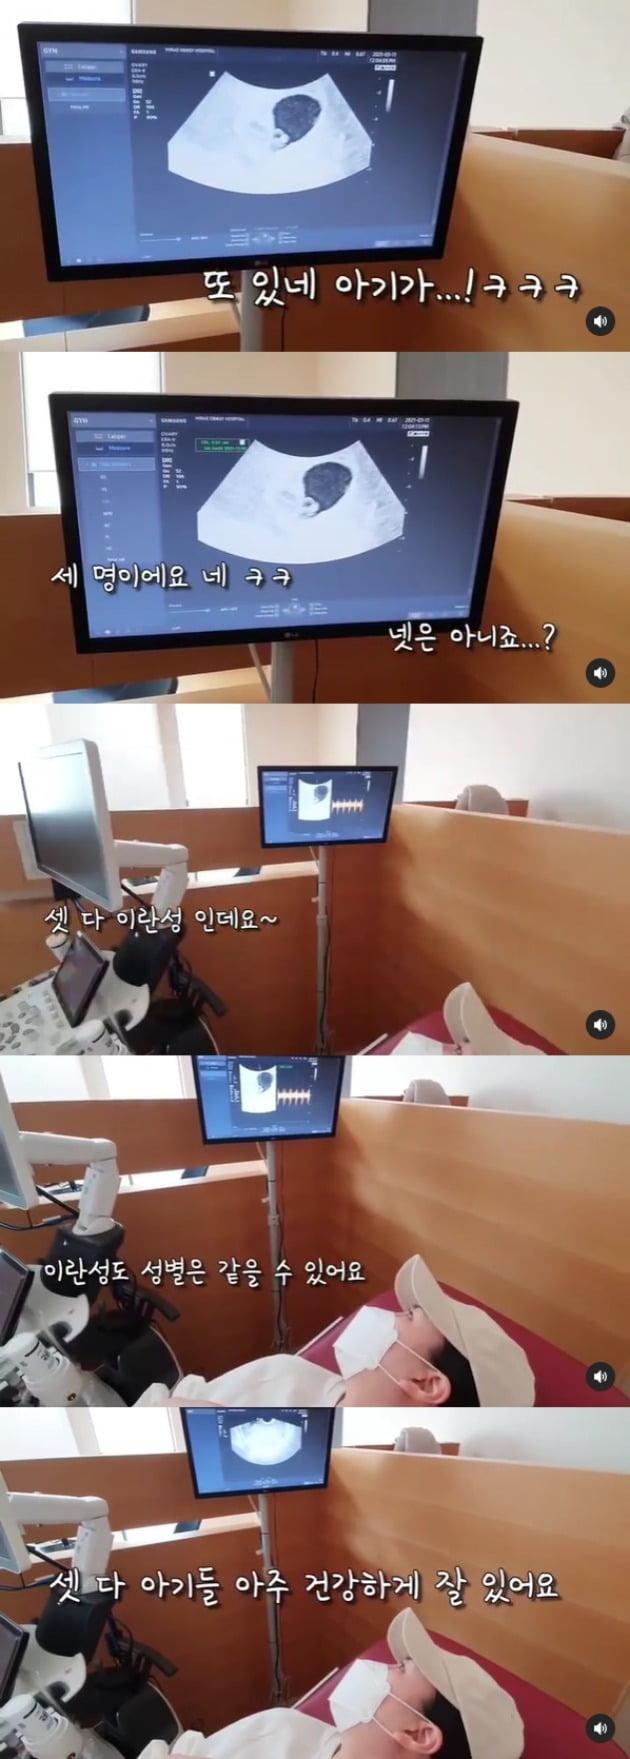 사진=황신영 인스타그램 캡처